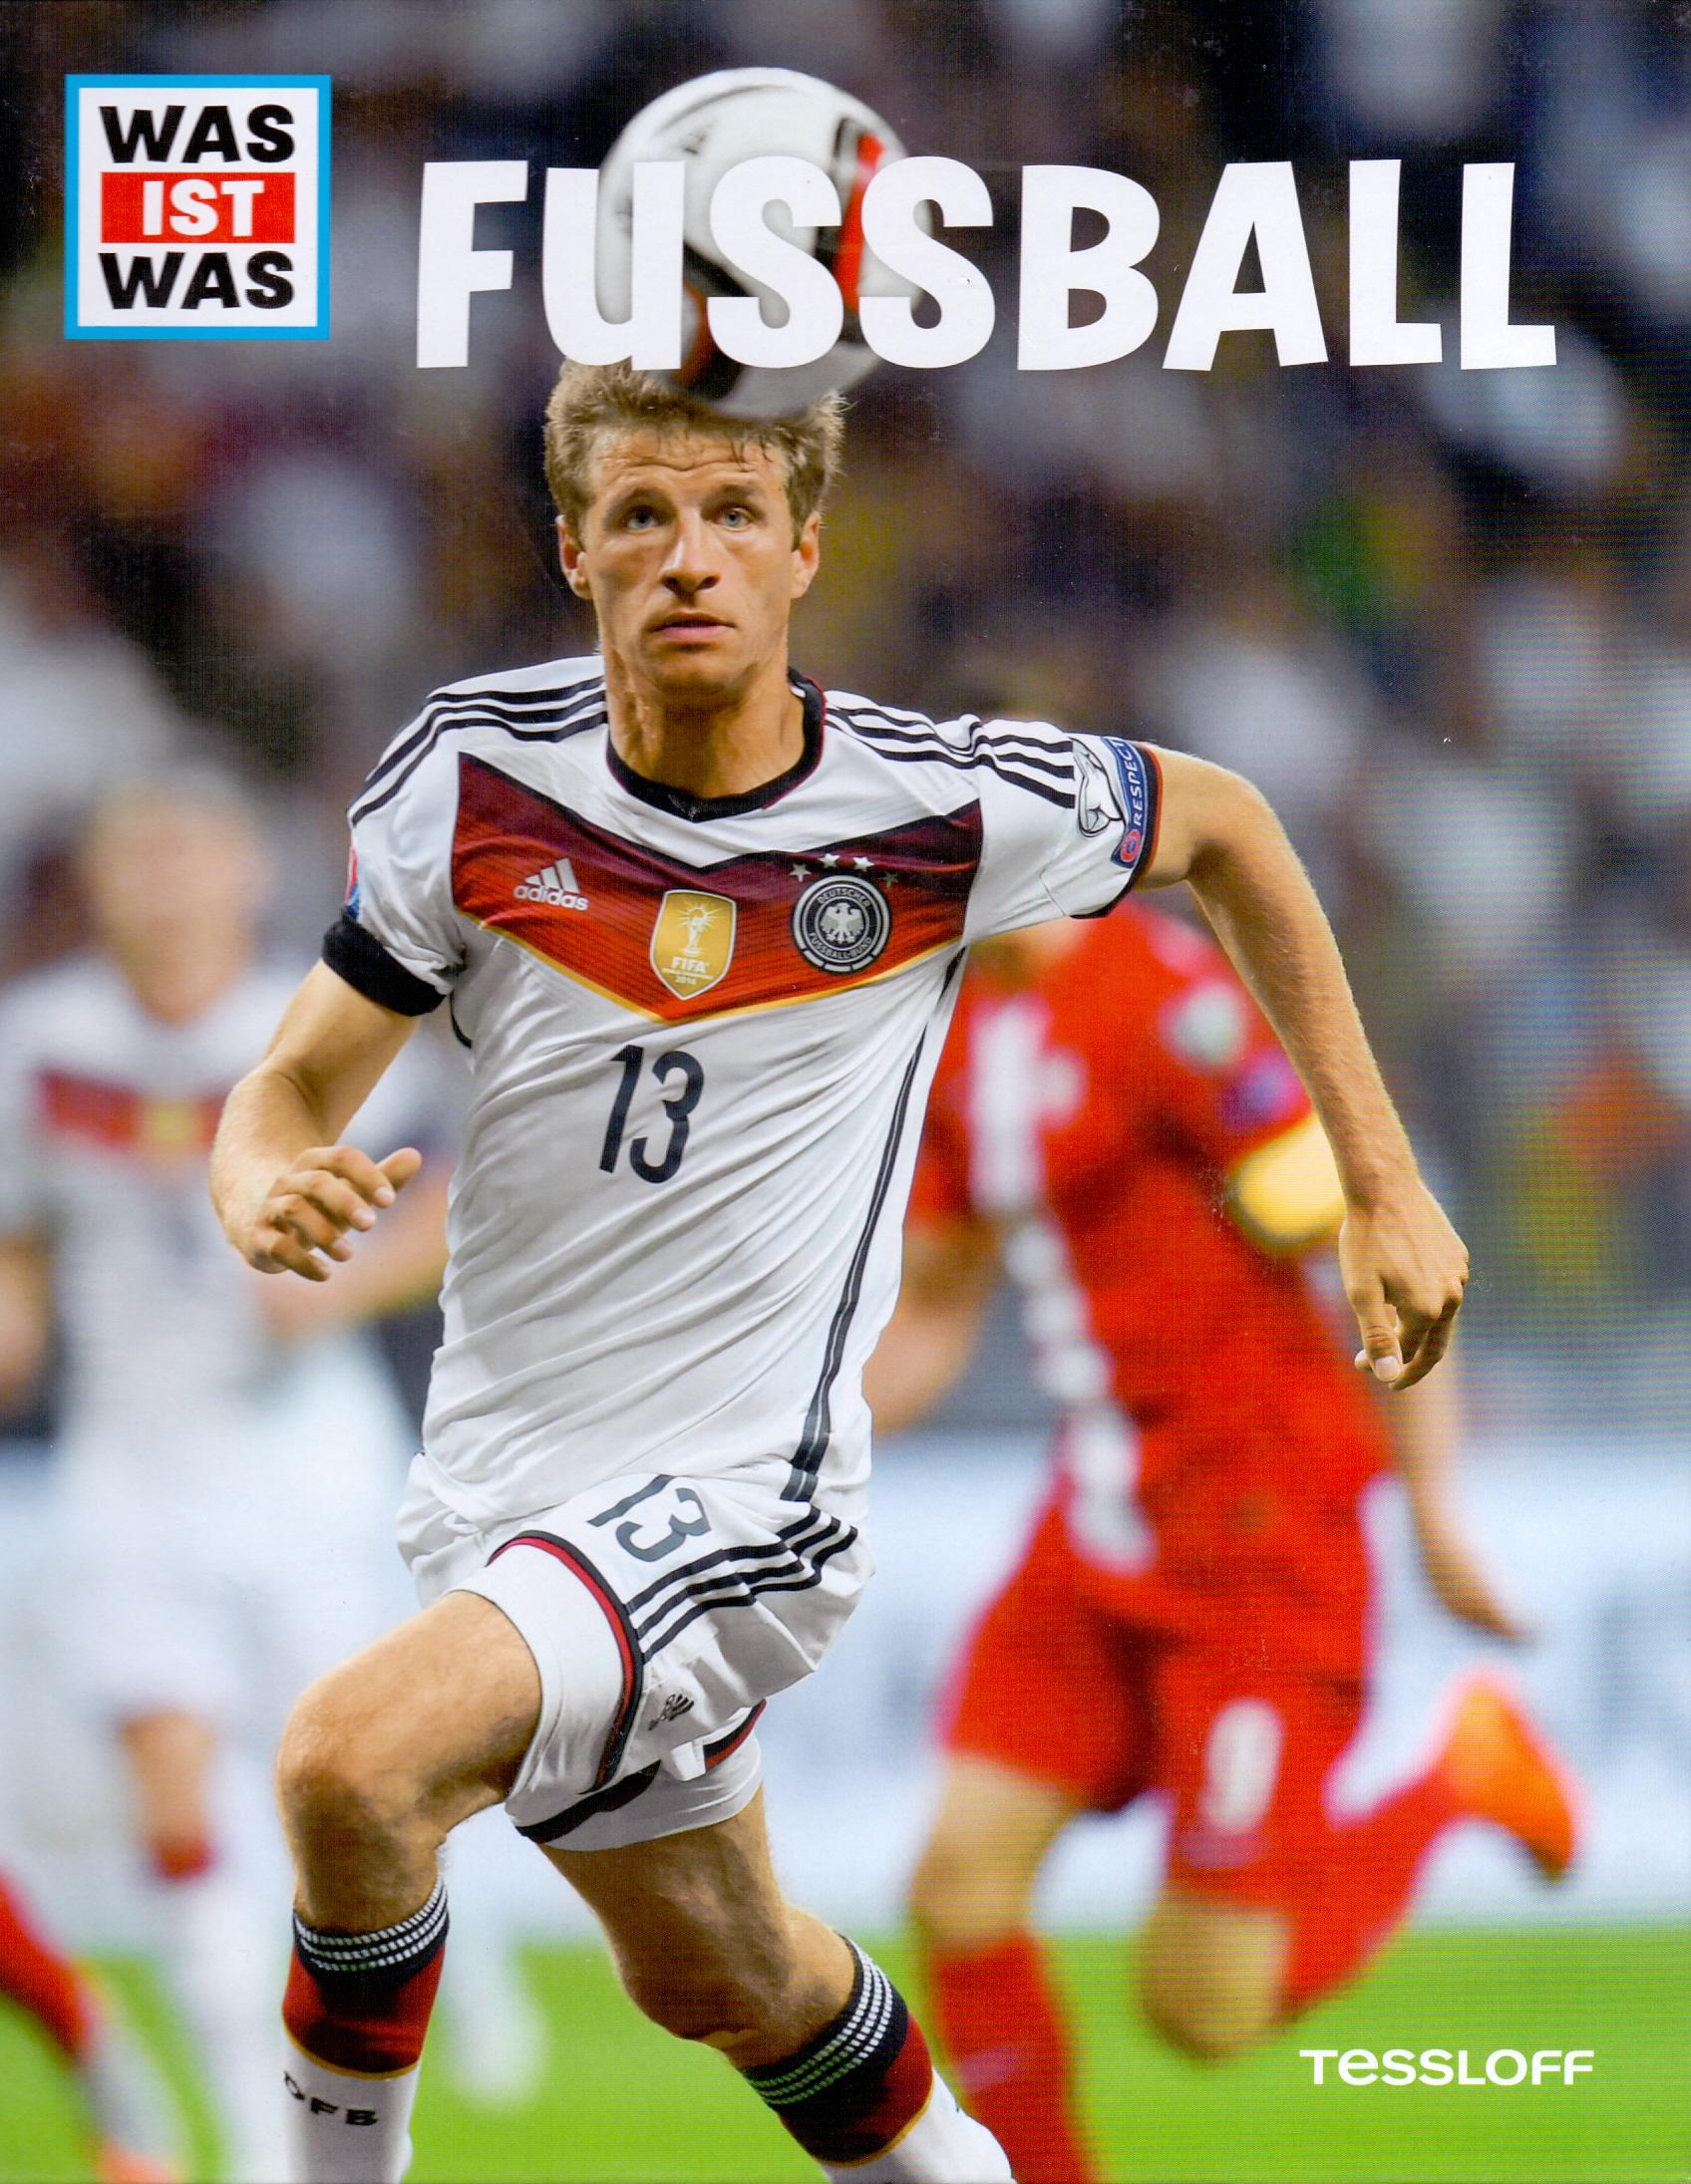 Was ist was Fußball: Mit EM-Spielplan, Fotos, I...